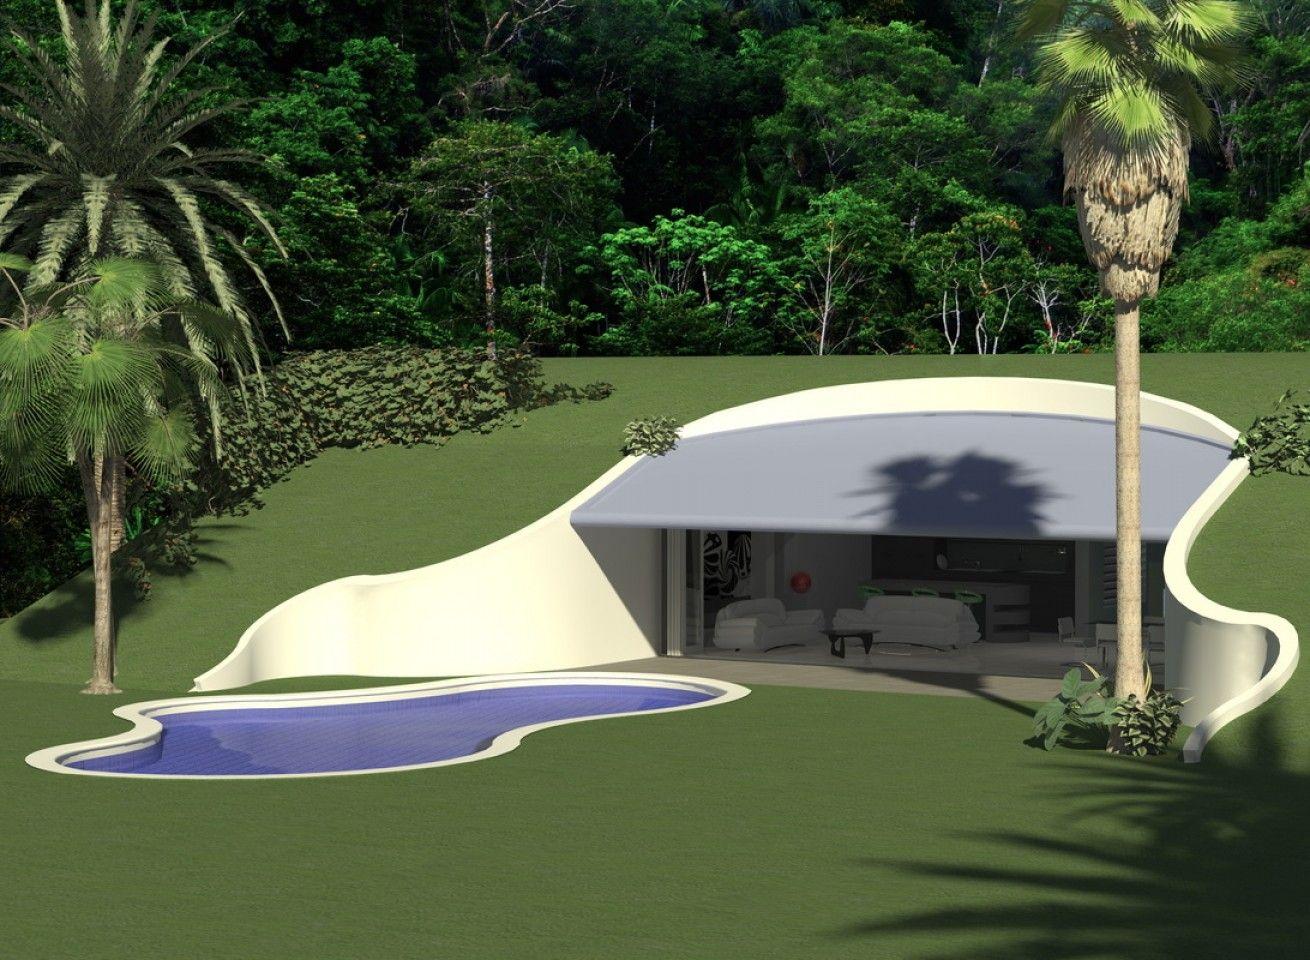 Subterranean Home Plans Hillside Greenhouse Plans Box Culvert House Underground Homes Greenhouse Plans Underground Homes Diy Greenhouse